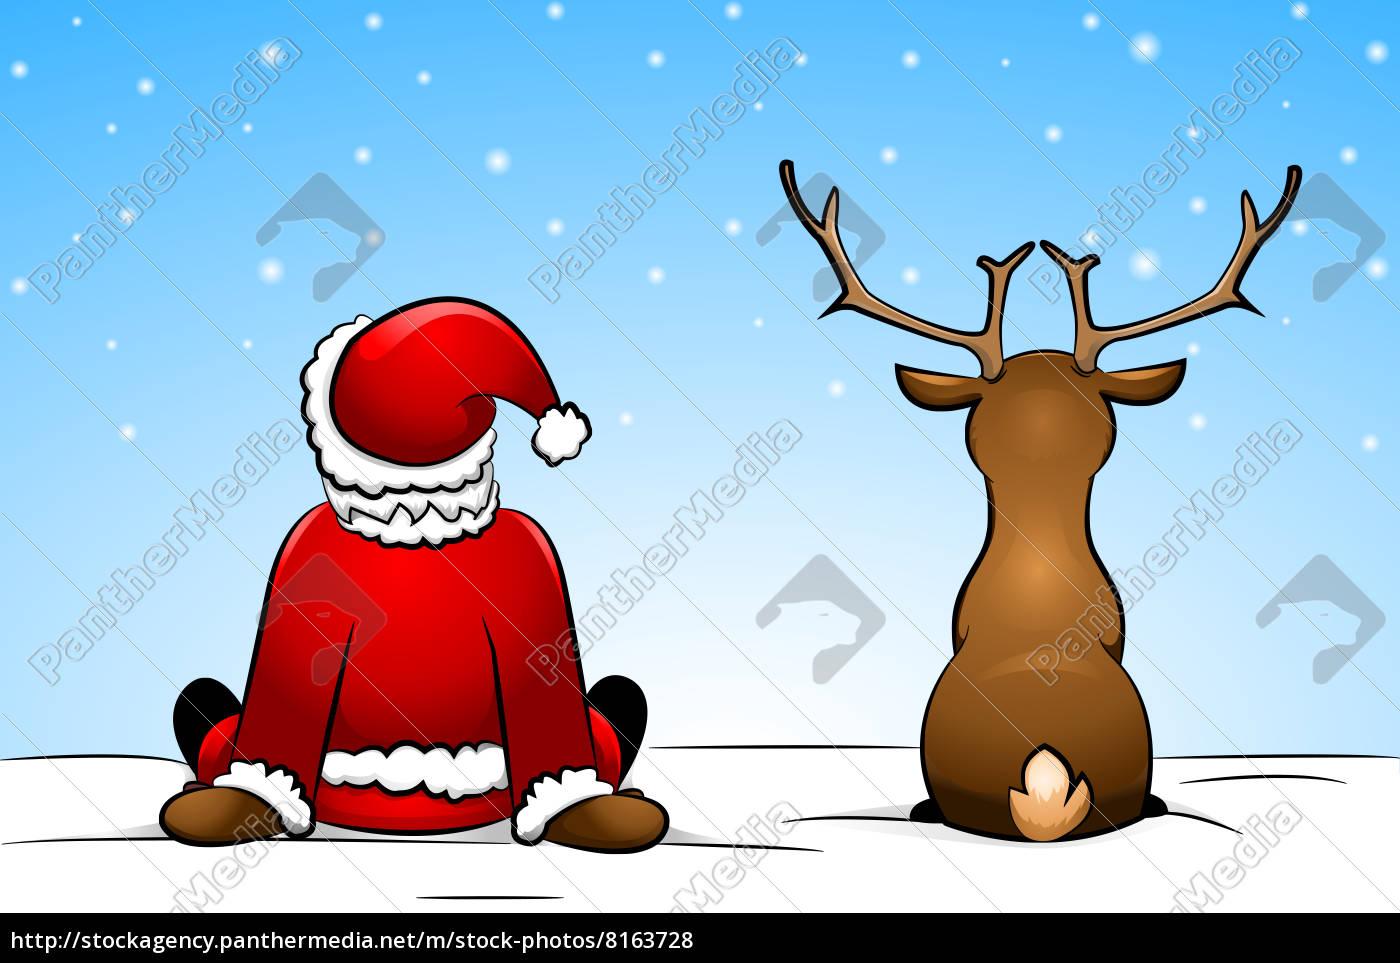 Lizenzfreies Foto 8163728 - Weihnachtsmann Und Rentier Im Schnee Sitzend bei Nikolaus Rentiere